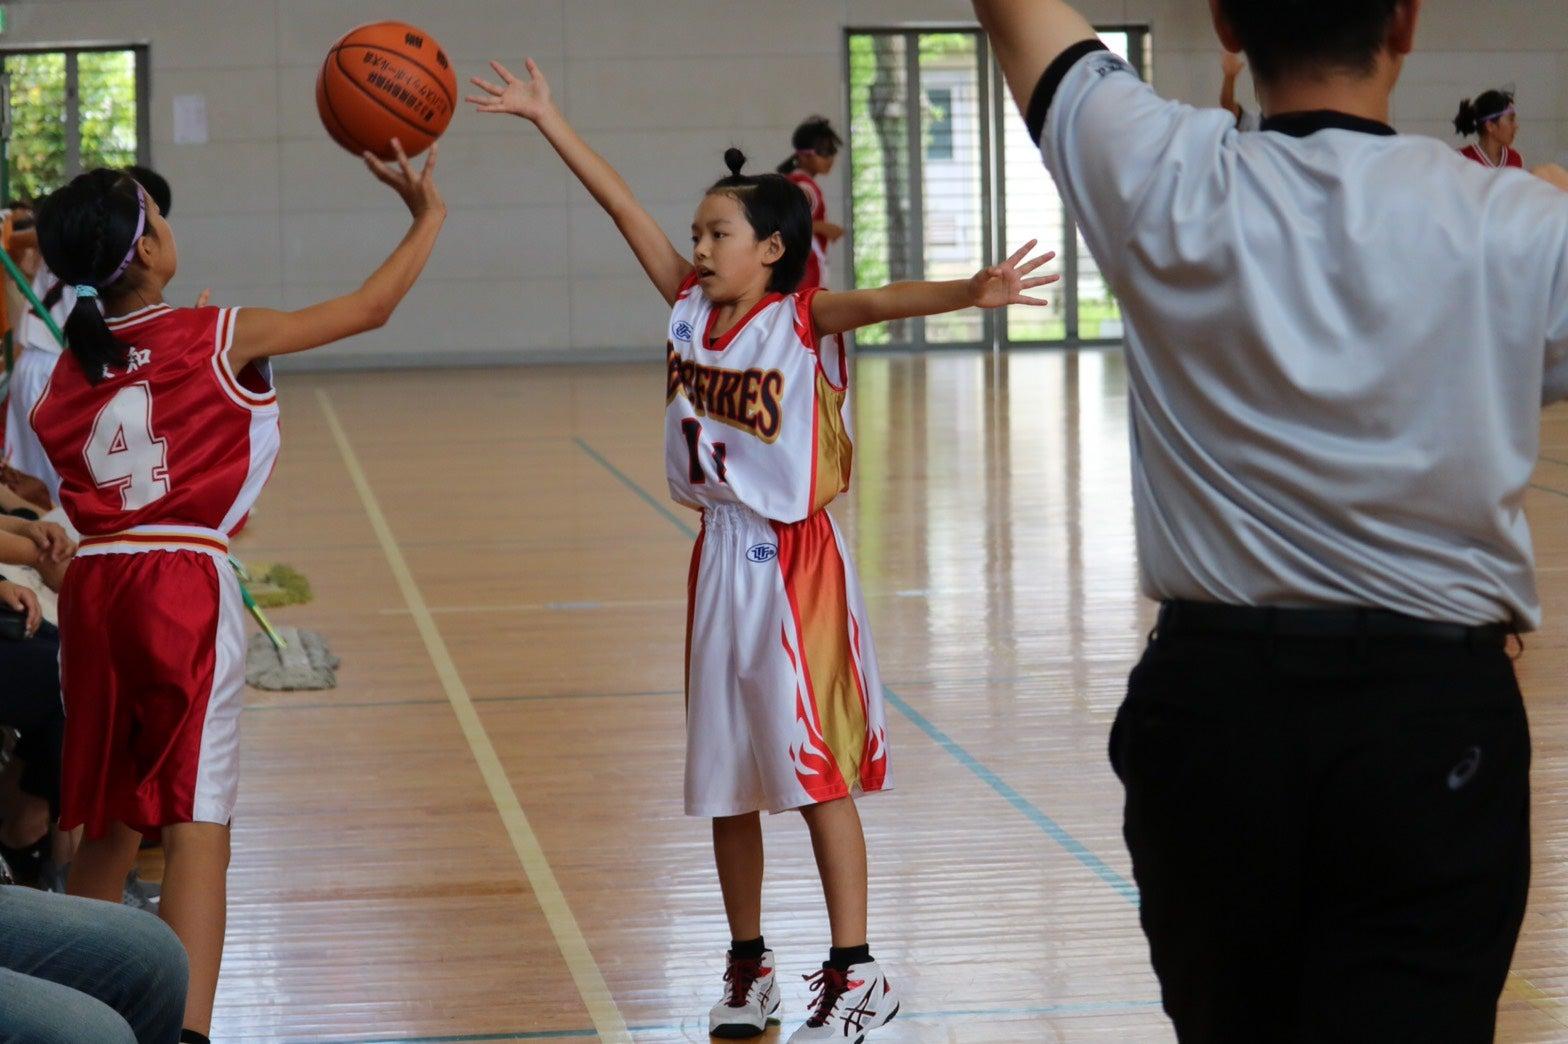 春日井市 ミニバス JBC-FIRES バスケットボールクラブチーム多度中 オレンジF JBC 八開 佐織ミニバスケットボール交歓会